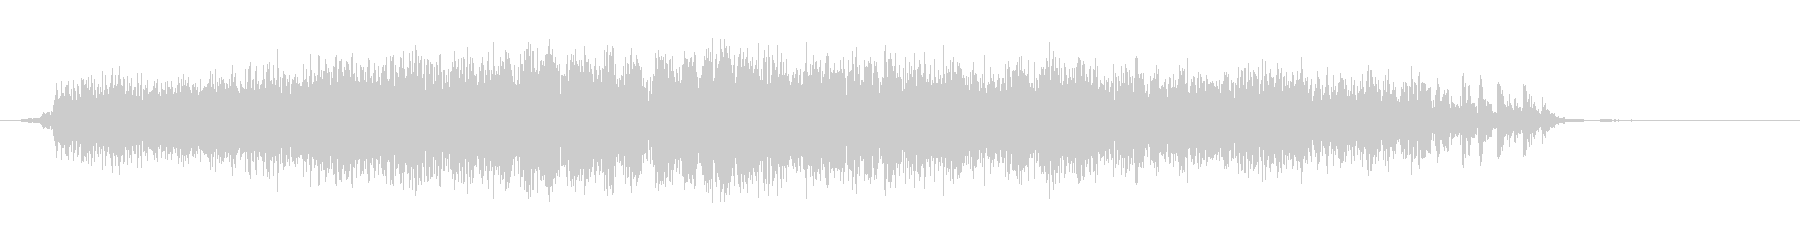 ダイビングメタルプレッシャーストレ...の未再生の波形